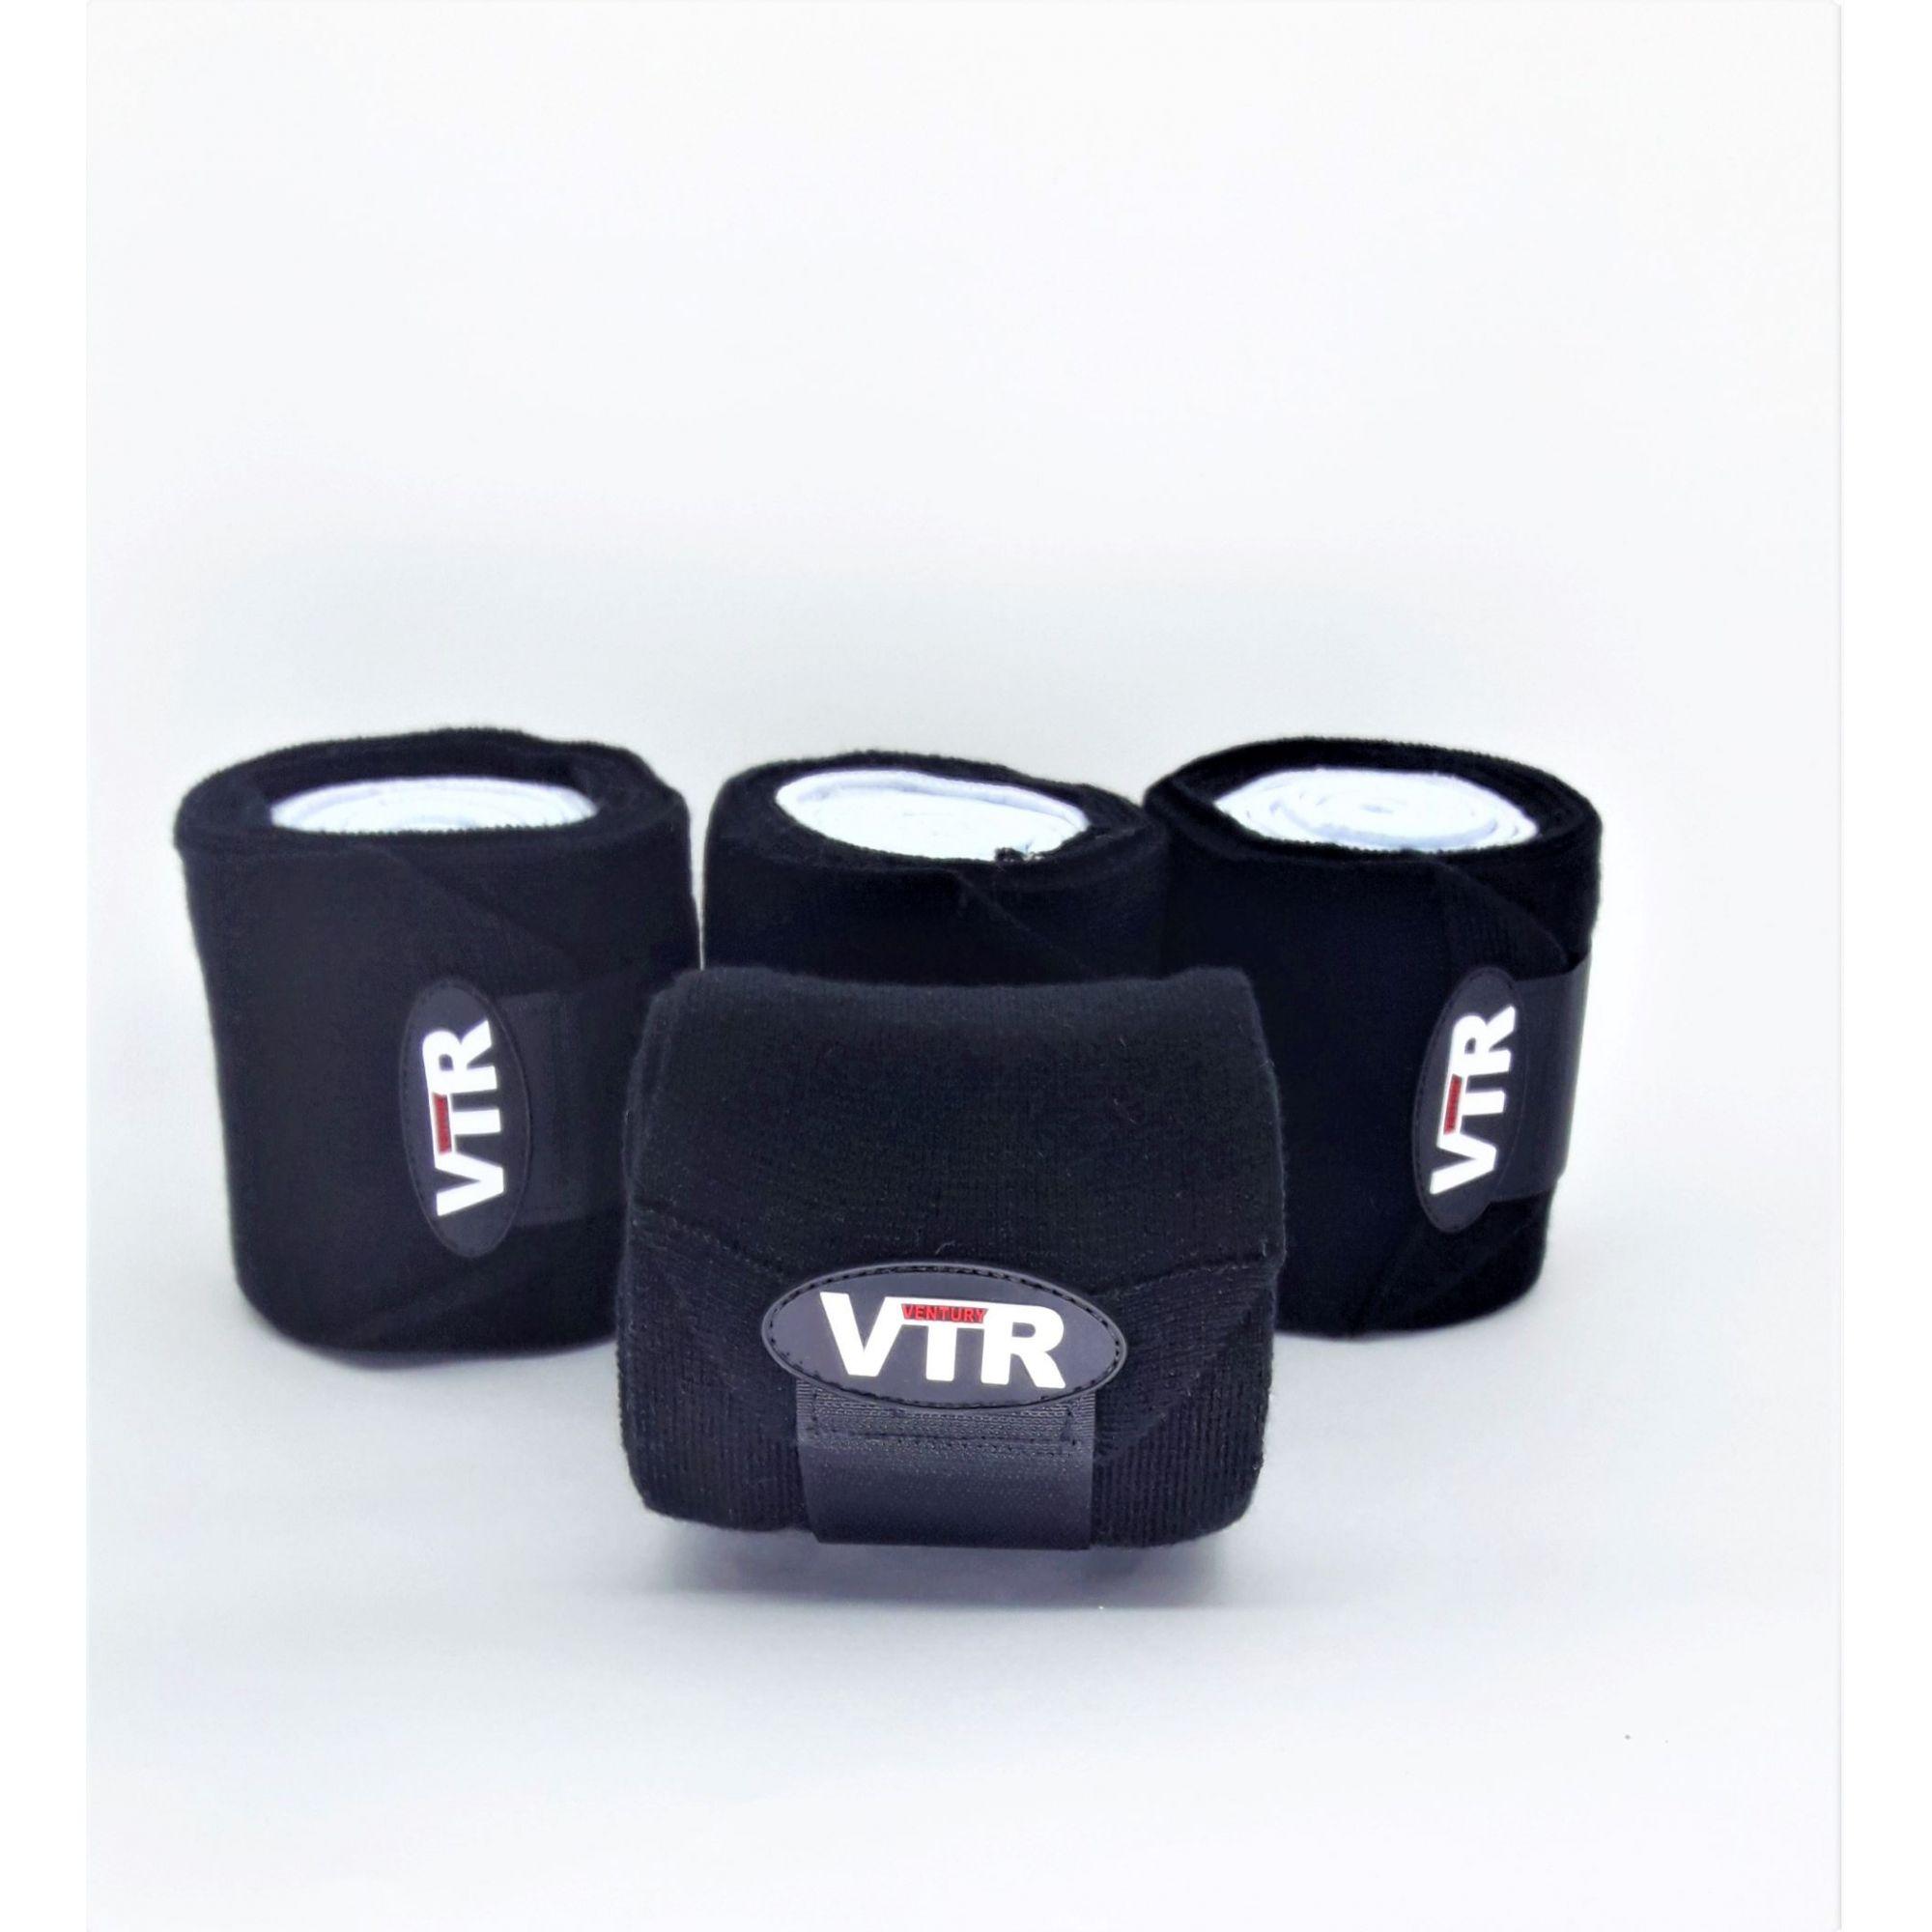 Liga de Trabalho Premium VTR 4 Peças